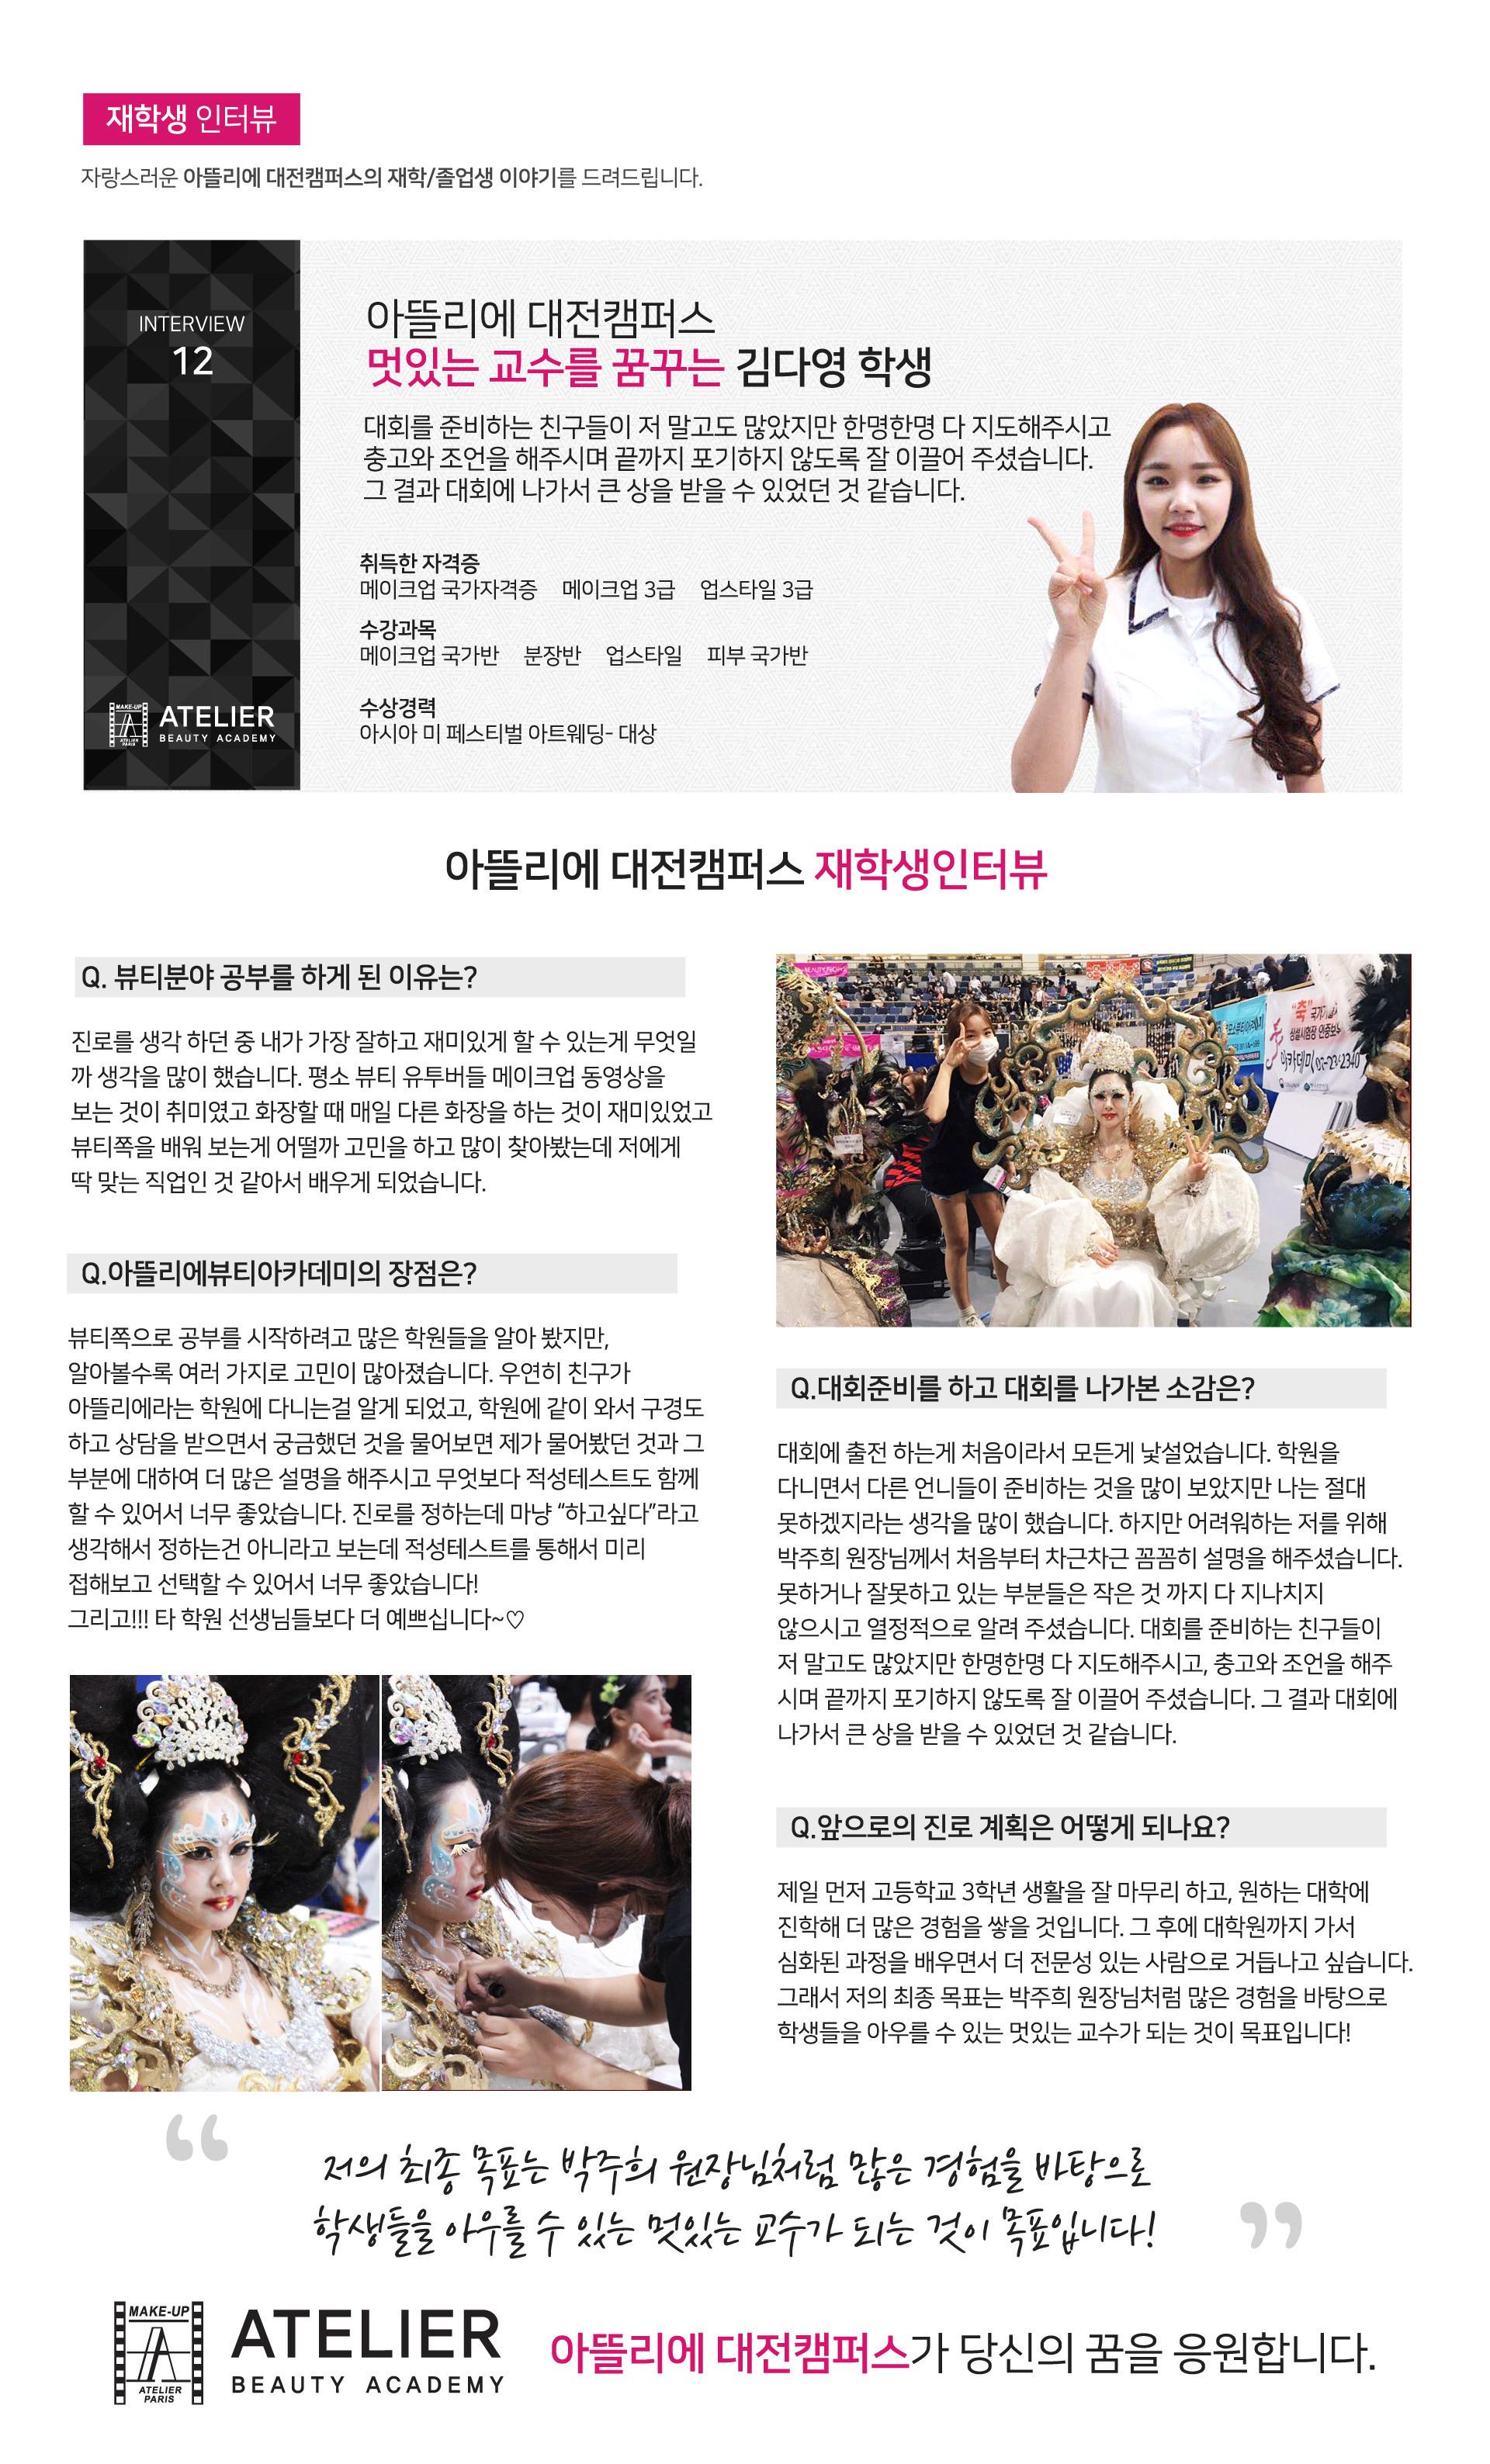 김다영 학생<br/> 후기